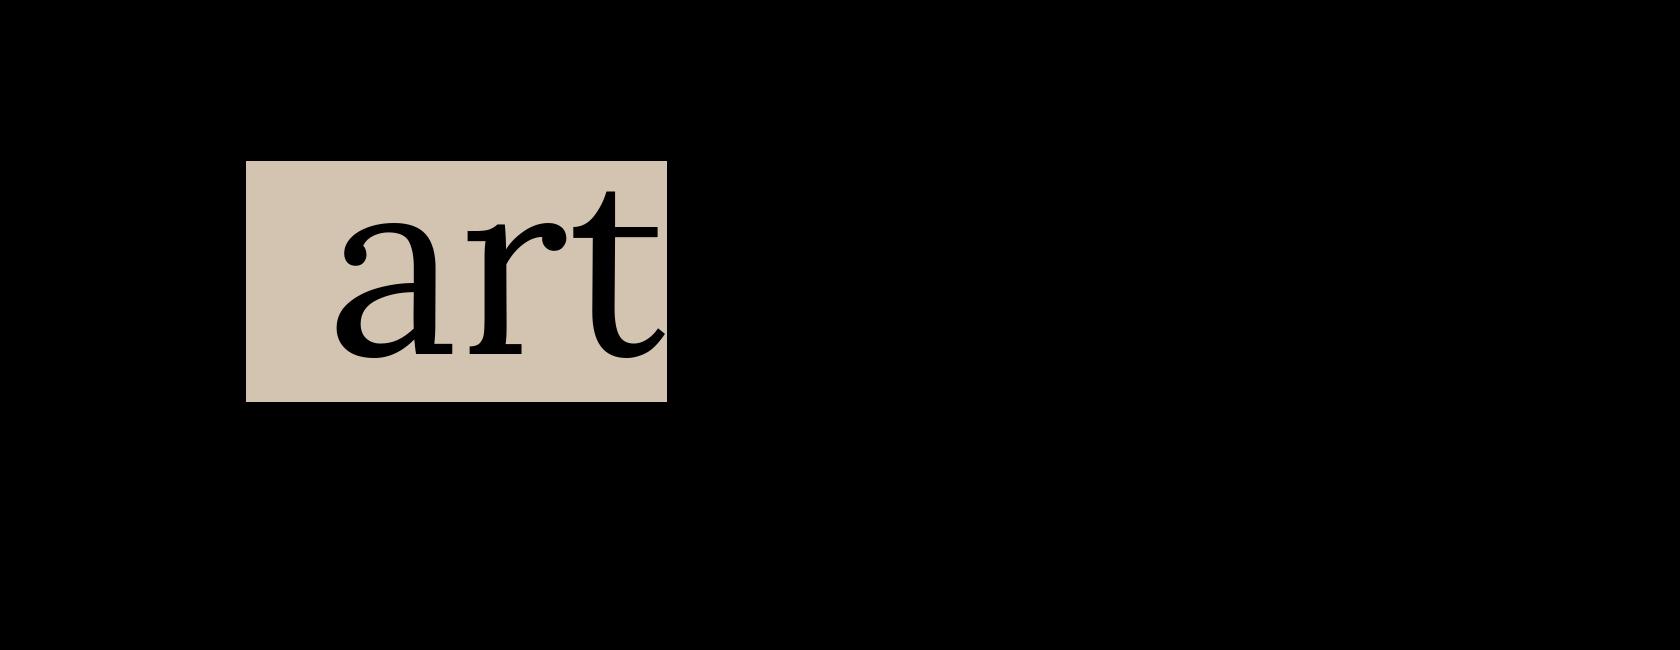 Artoftech